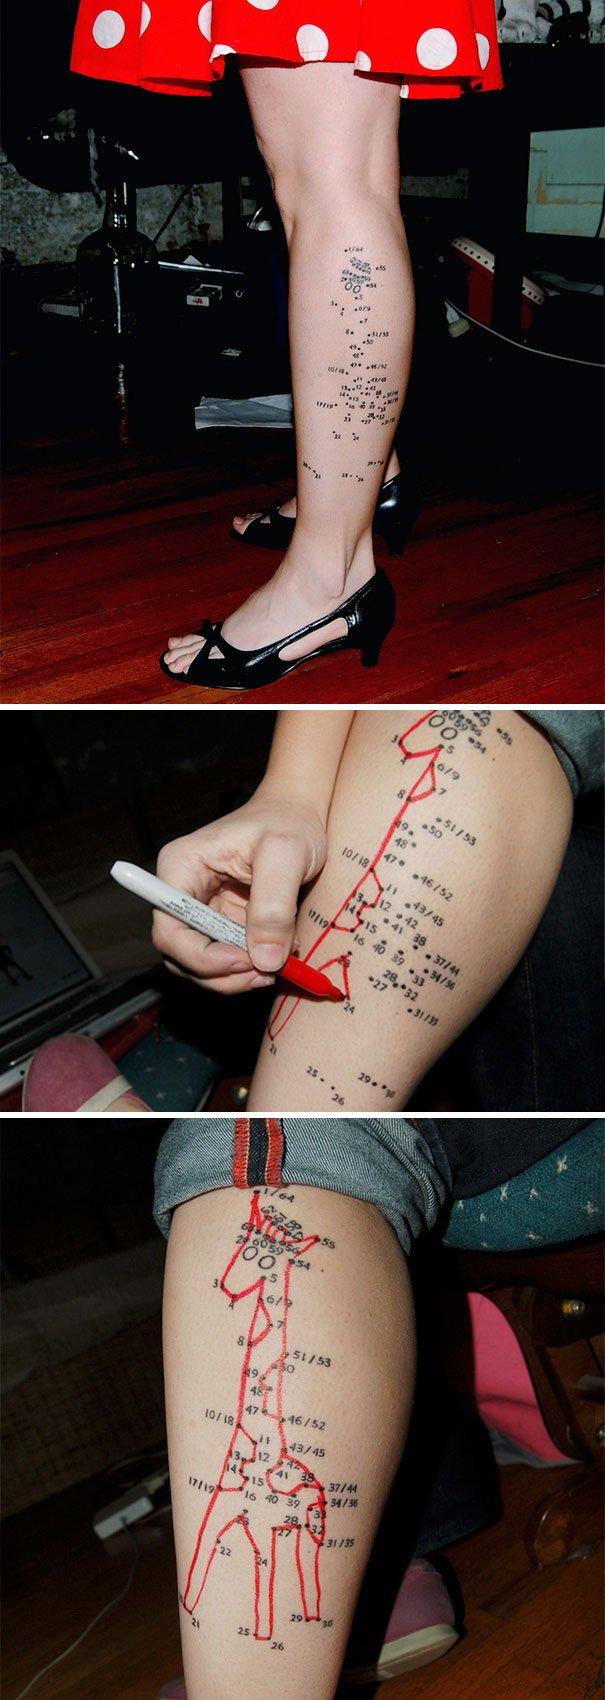 Tatuagens com mensagens subliminares (4)